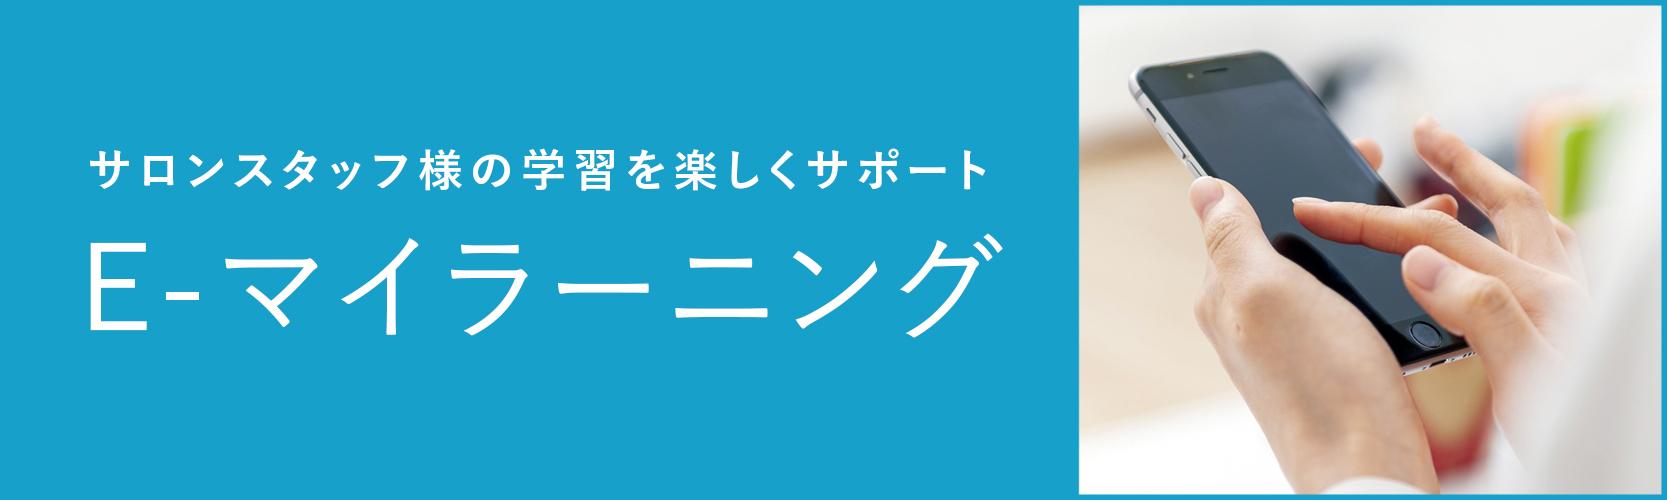 banner_emylearning2.jpg